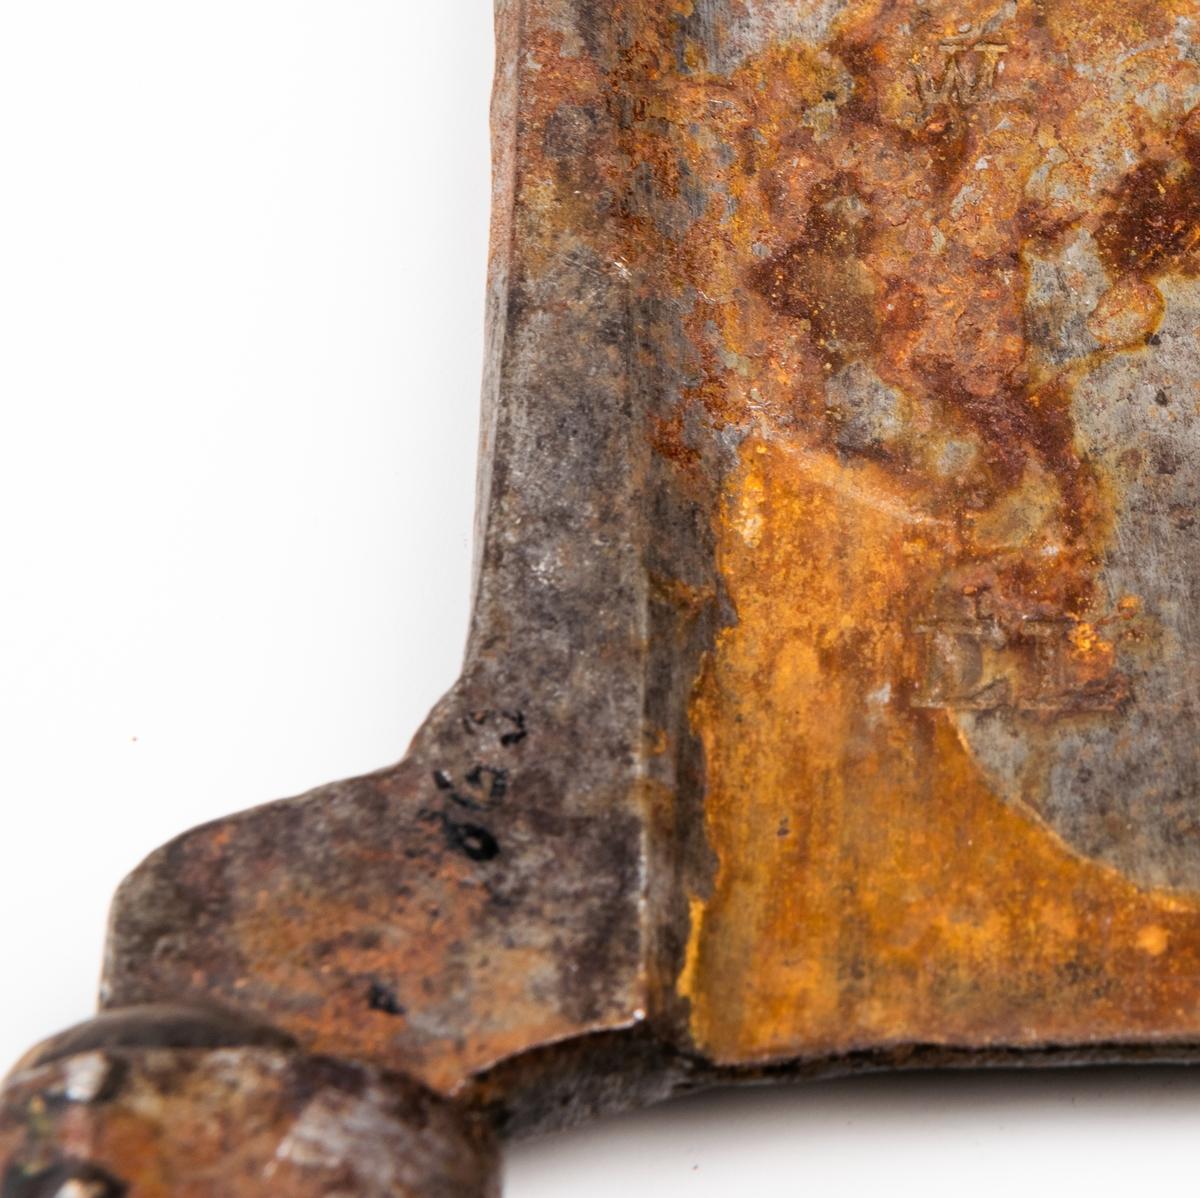 Hackkniv för kött. Med kort, svarvat skaft. Brett eggjärn med litet hål framtill. Längd 32cm.